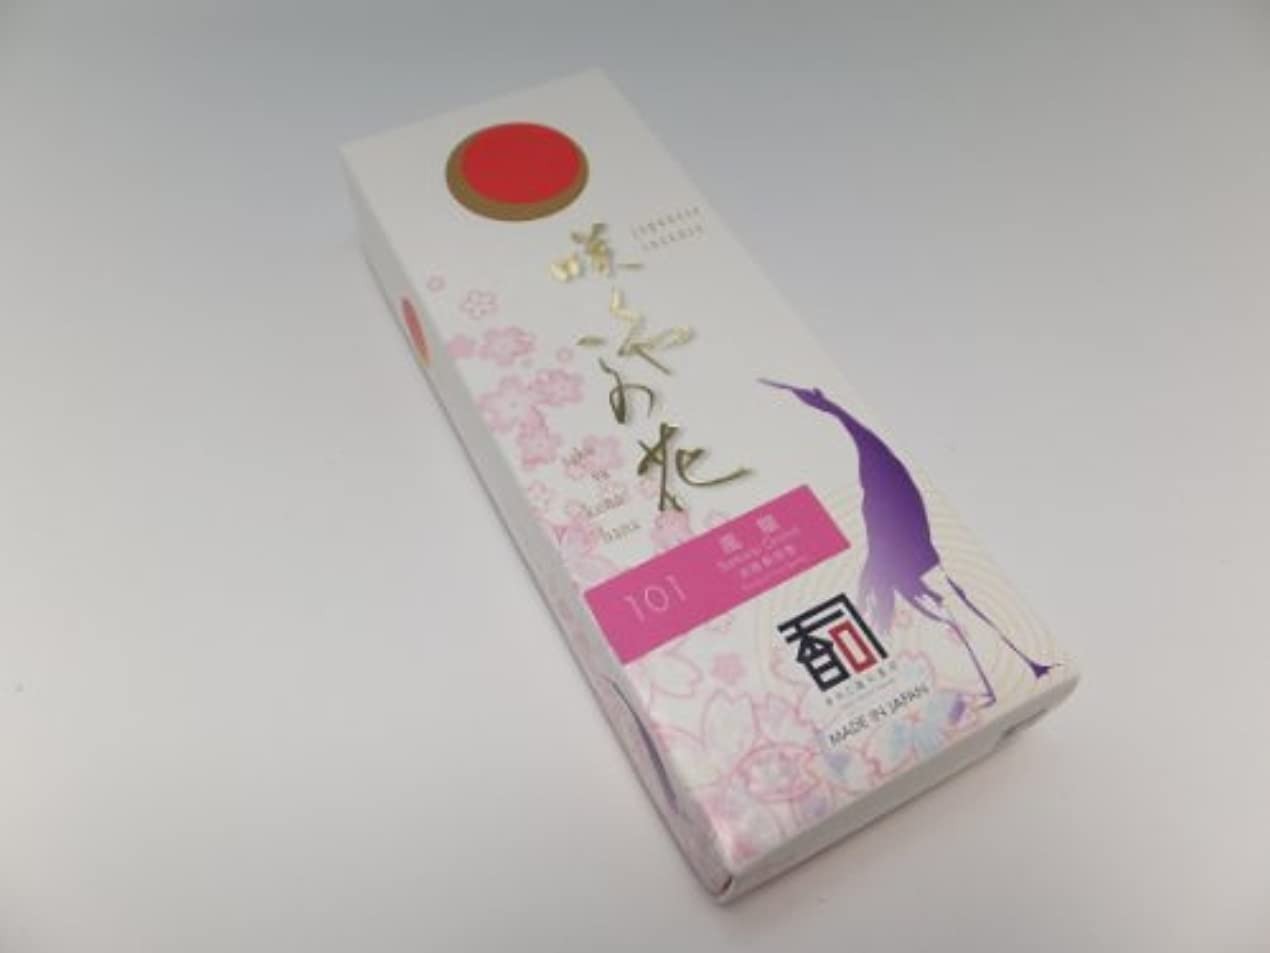 フリンジラベル運動する「あわじ島の香司」 日本の香りシリーズ  [咲くや この花] 【101】 風蘭 (煙少)